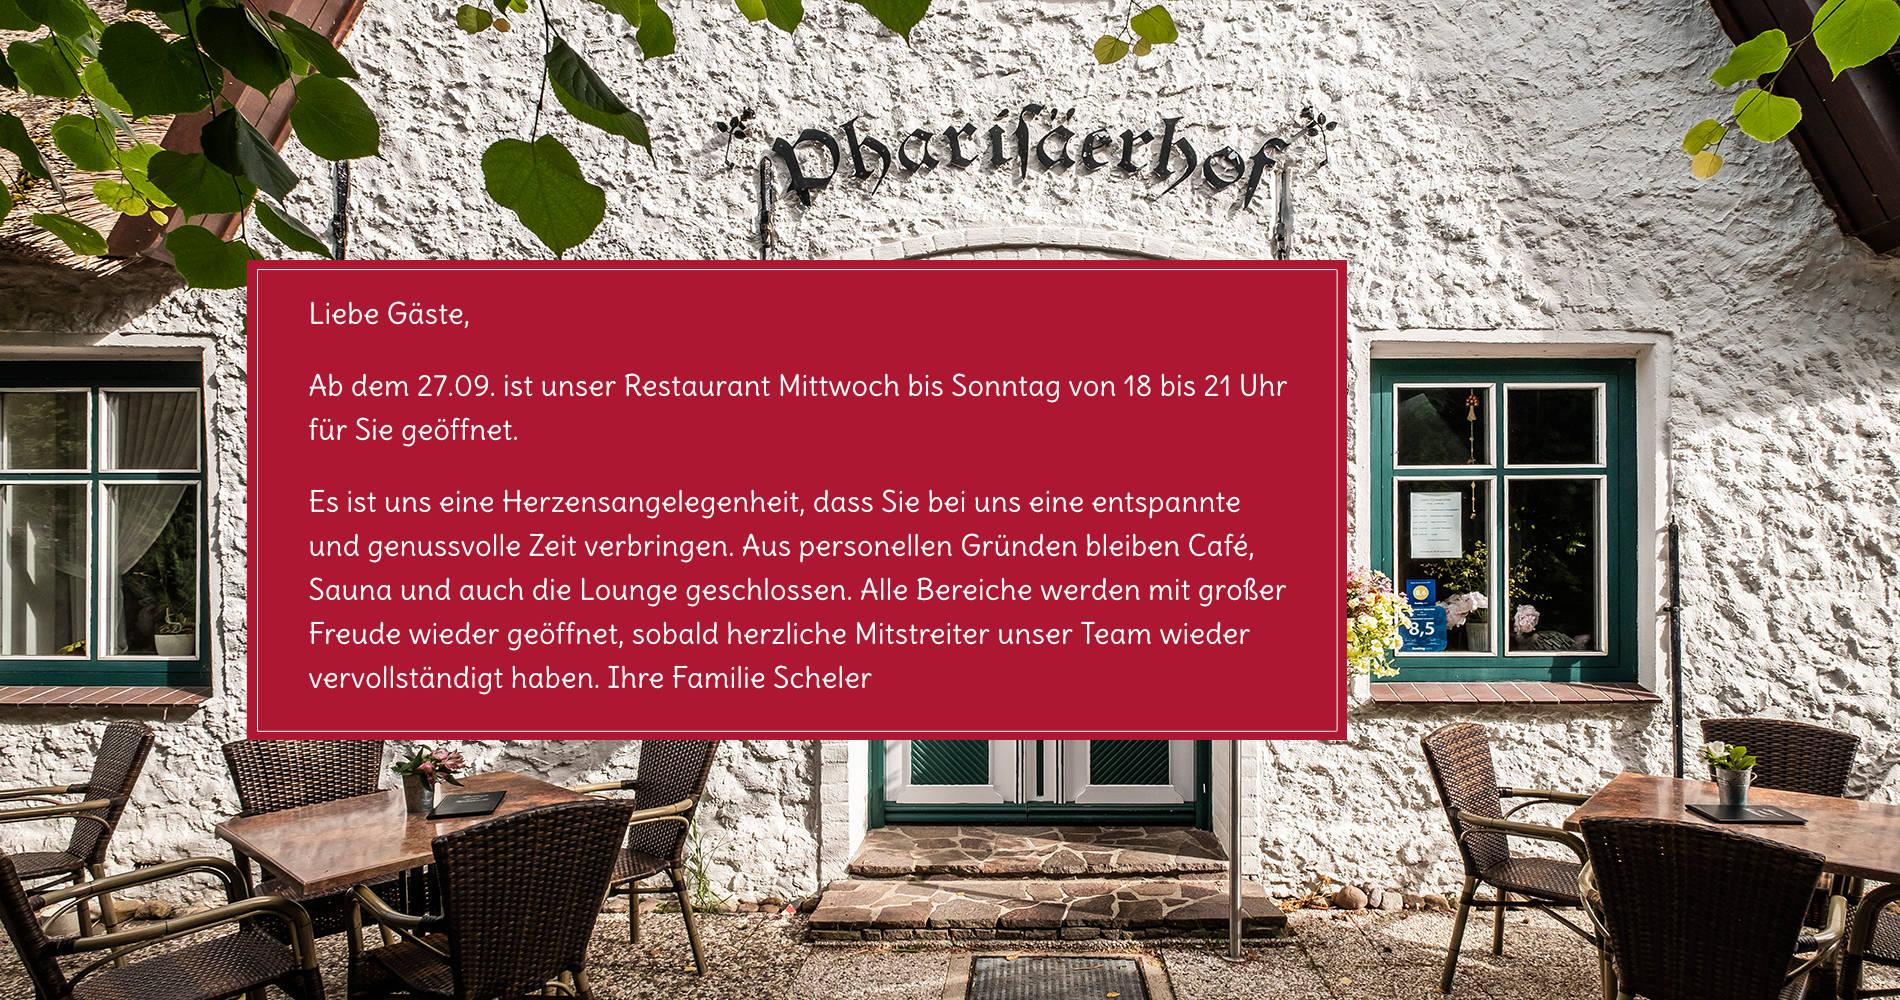 Ab dem 27.09. ist unser Restaurant Mittwoch bis Sonntag von 18 bis 21 Uhr für Sie geöffnet.